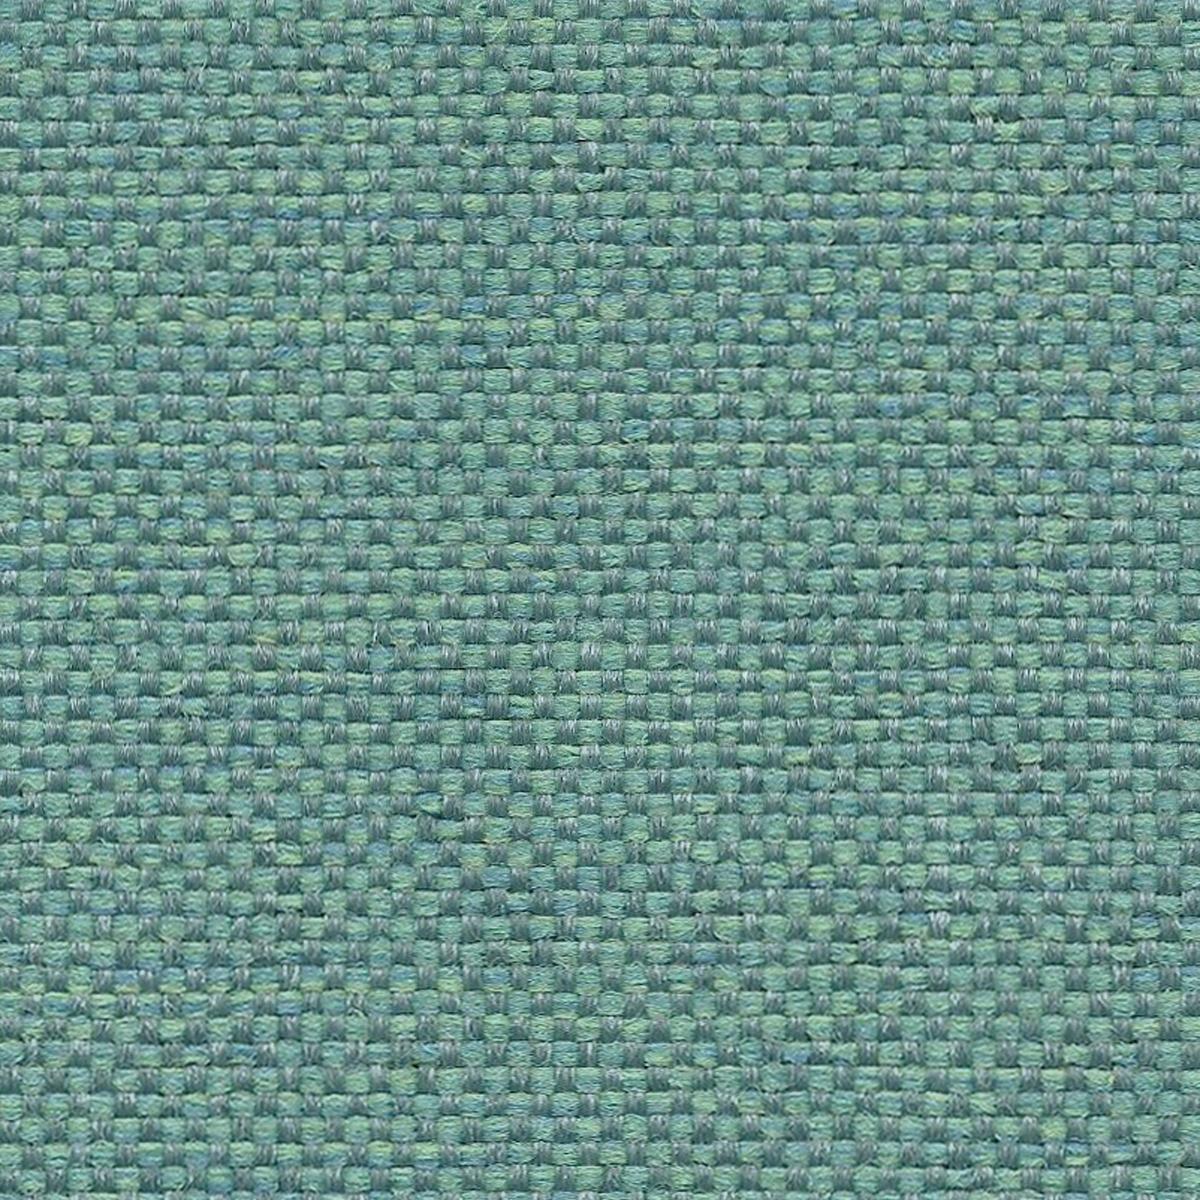 Blue Green • Teal • Aqua